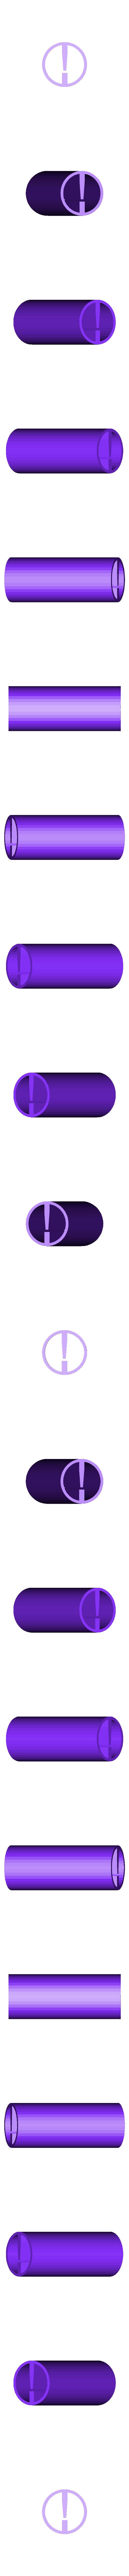 exclamación.STL Télécharger fichier STL 36 CONSEILS SUR LES FILTRES À MAUVAISES HERBES VOL.1+2+3+4 • Design pour impression 3D, SnakeCreations